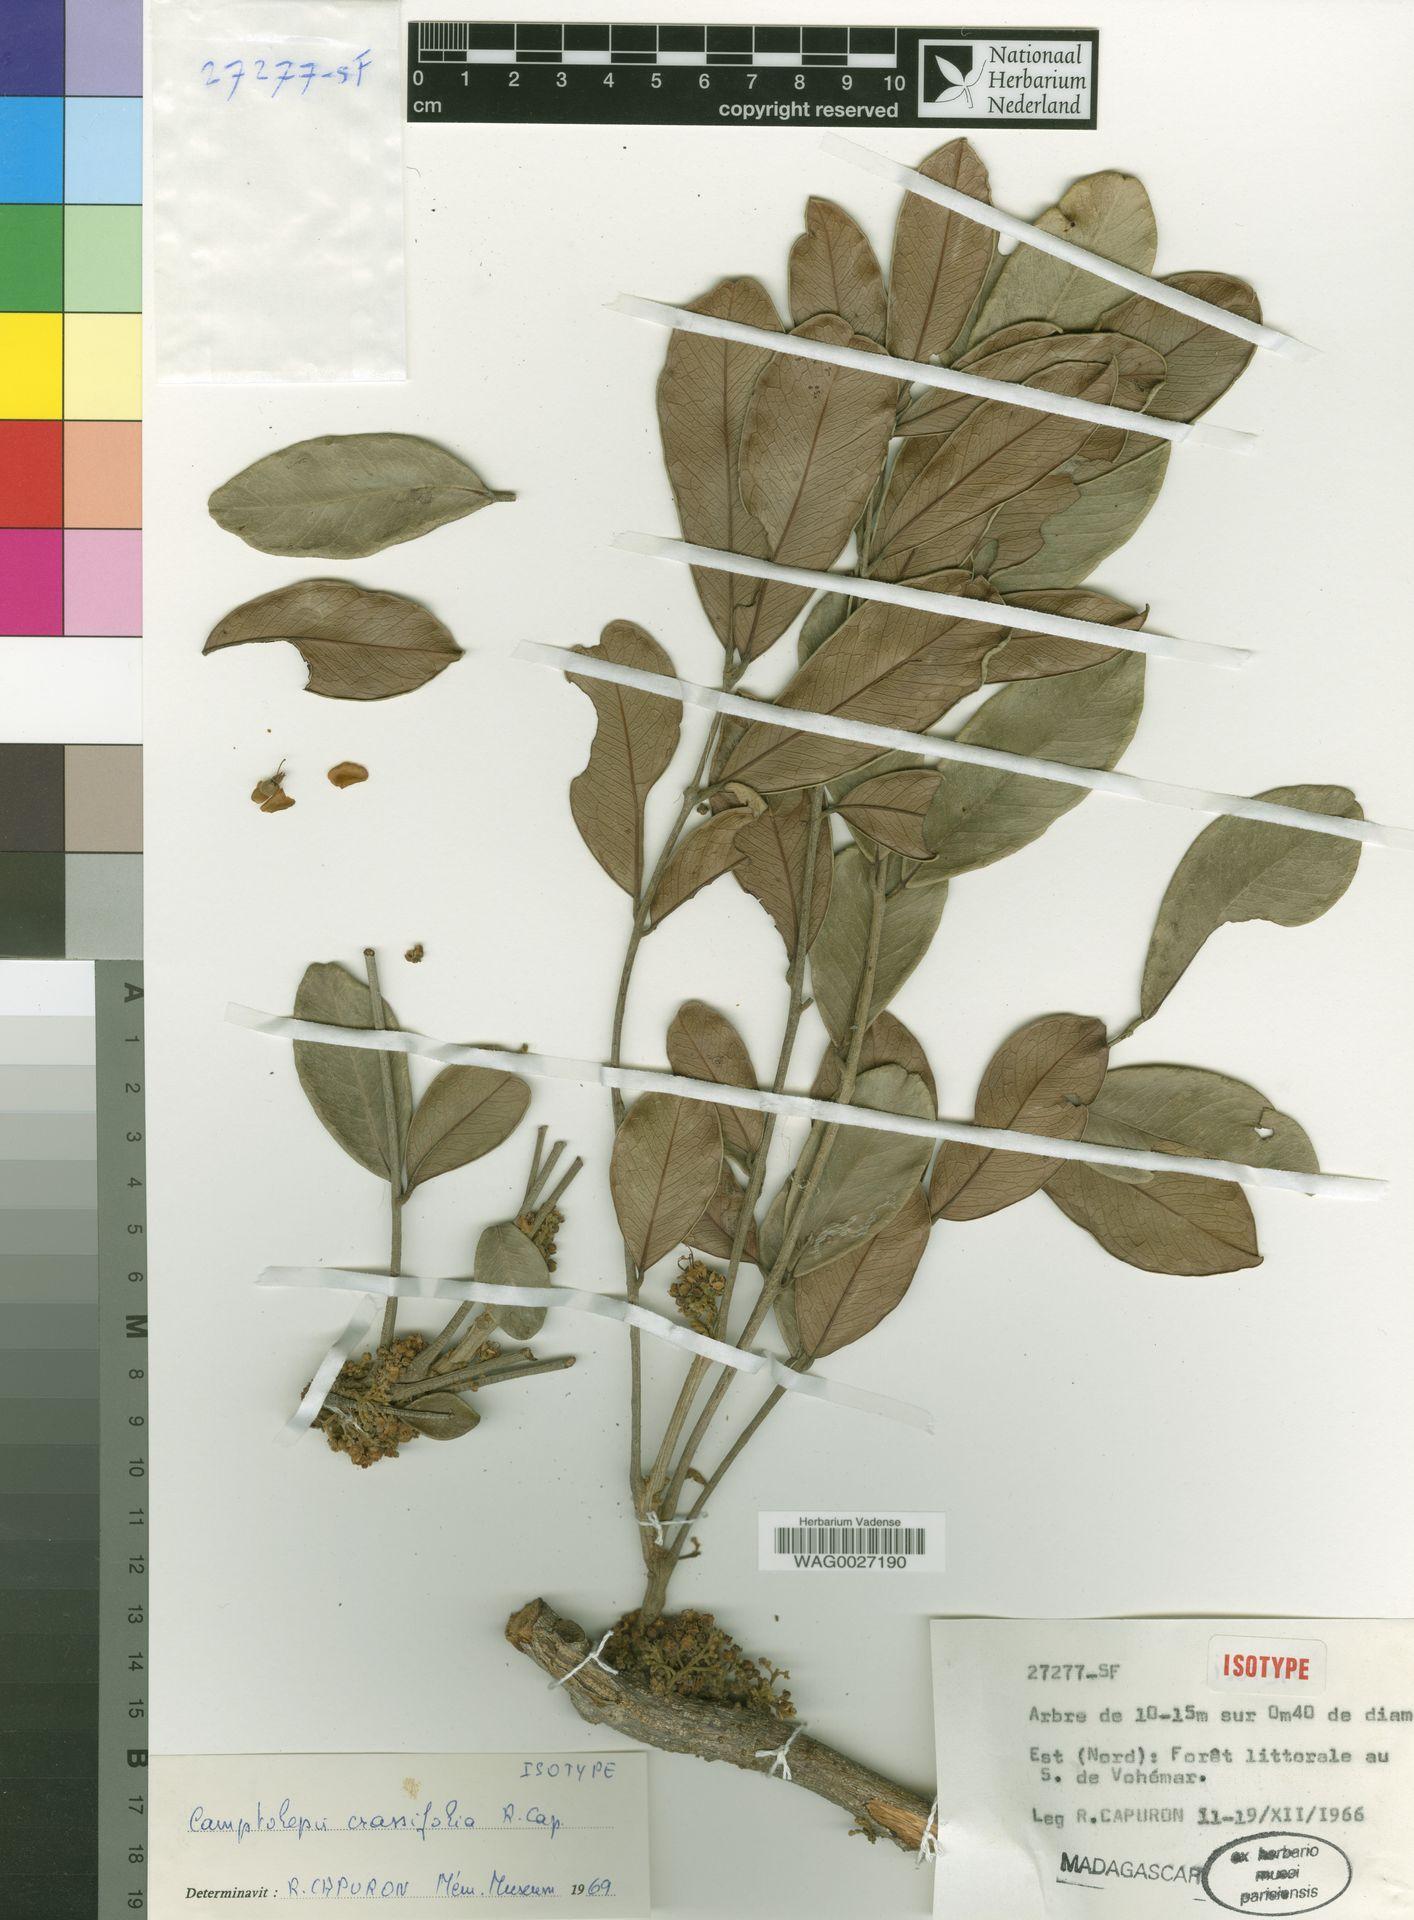 WAG0027190 | Camptolepis crassifolia Capuron